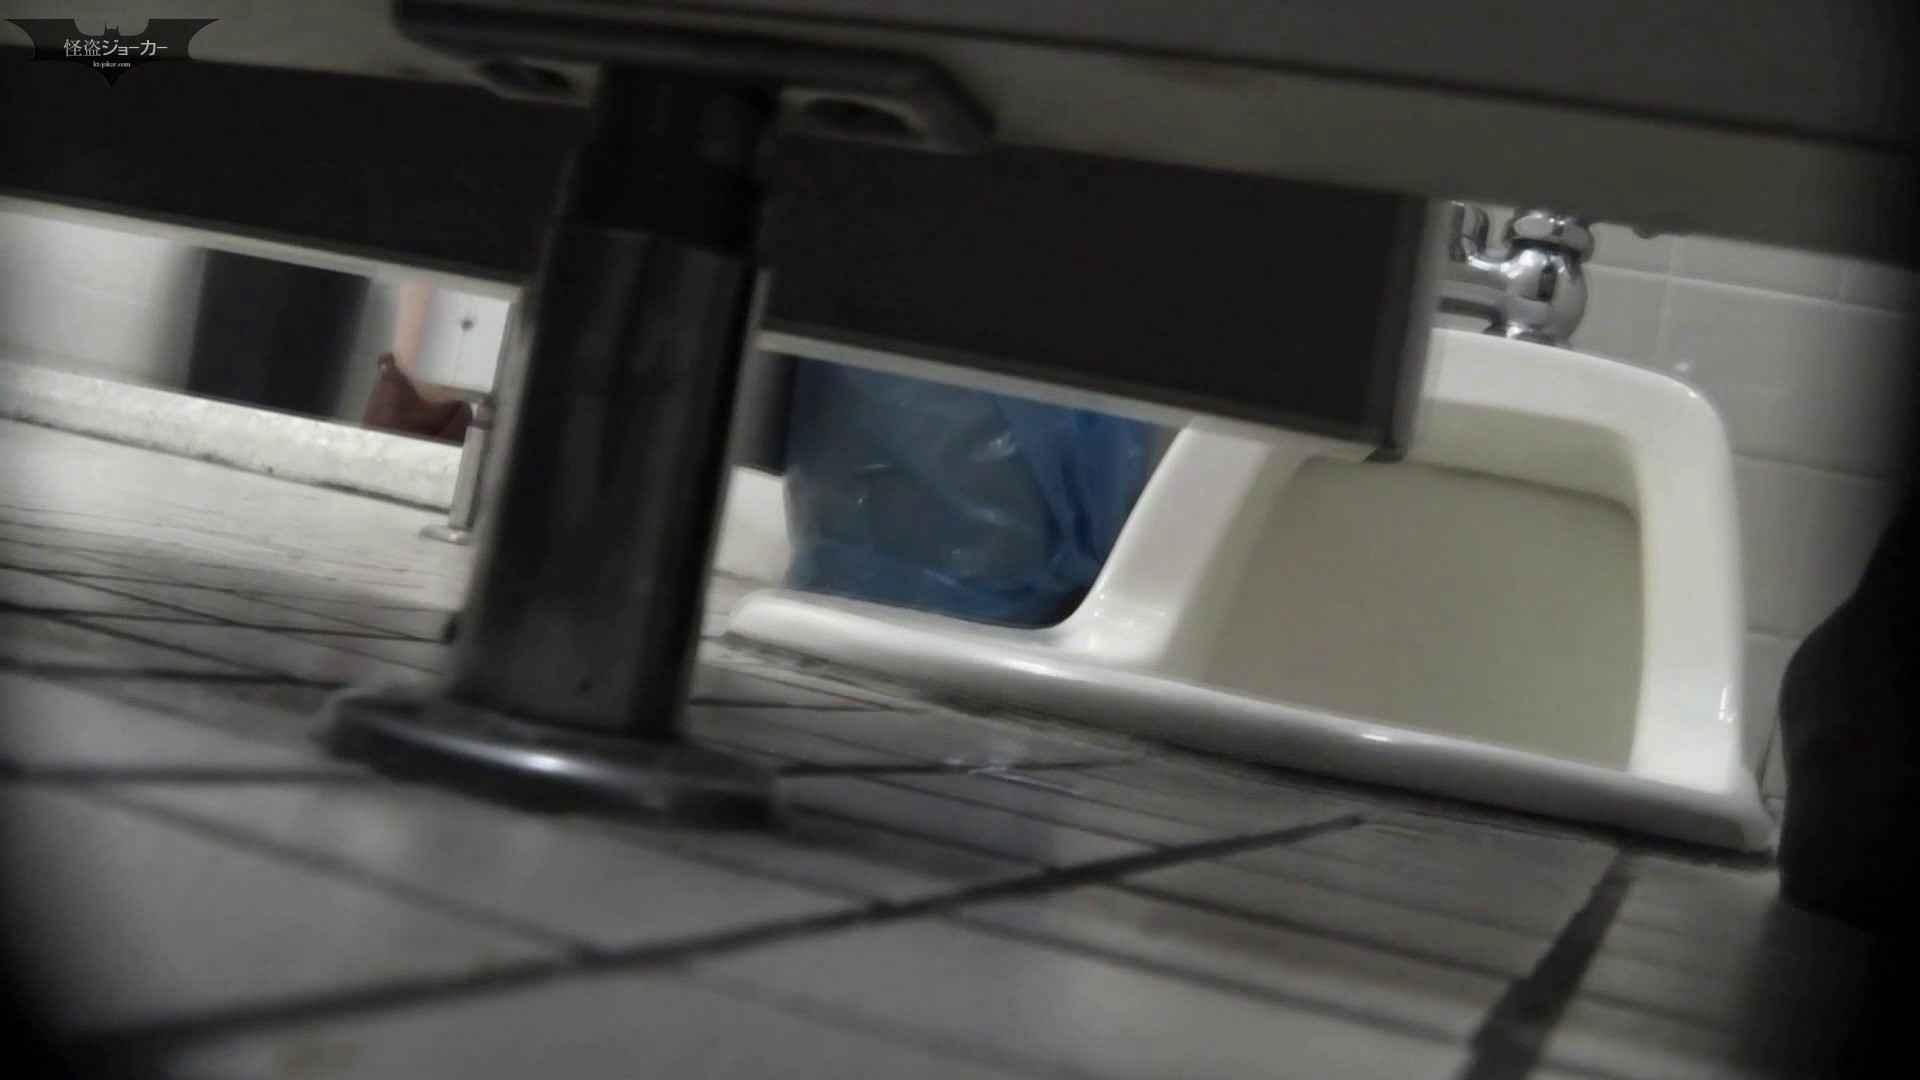 お銀さんの「洗面所突入レポート!!」 vol.51 突入最前線!おまけ付き 美人の裸体 オメコ動画キャプチャ 105枚 97